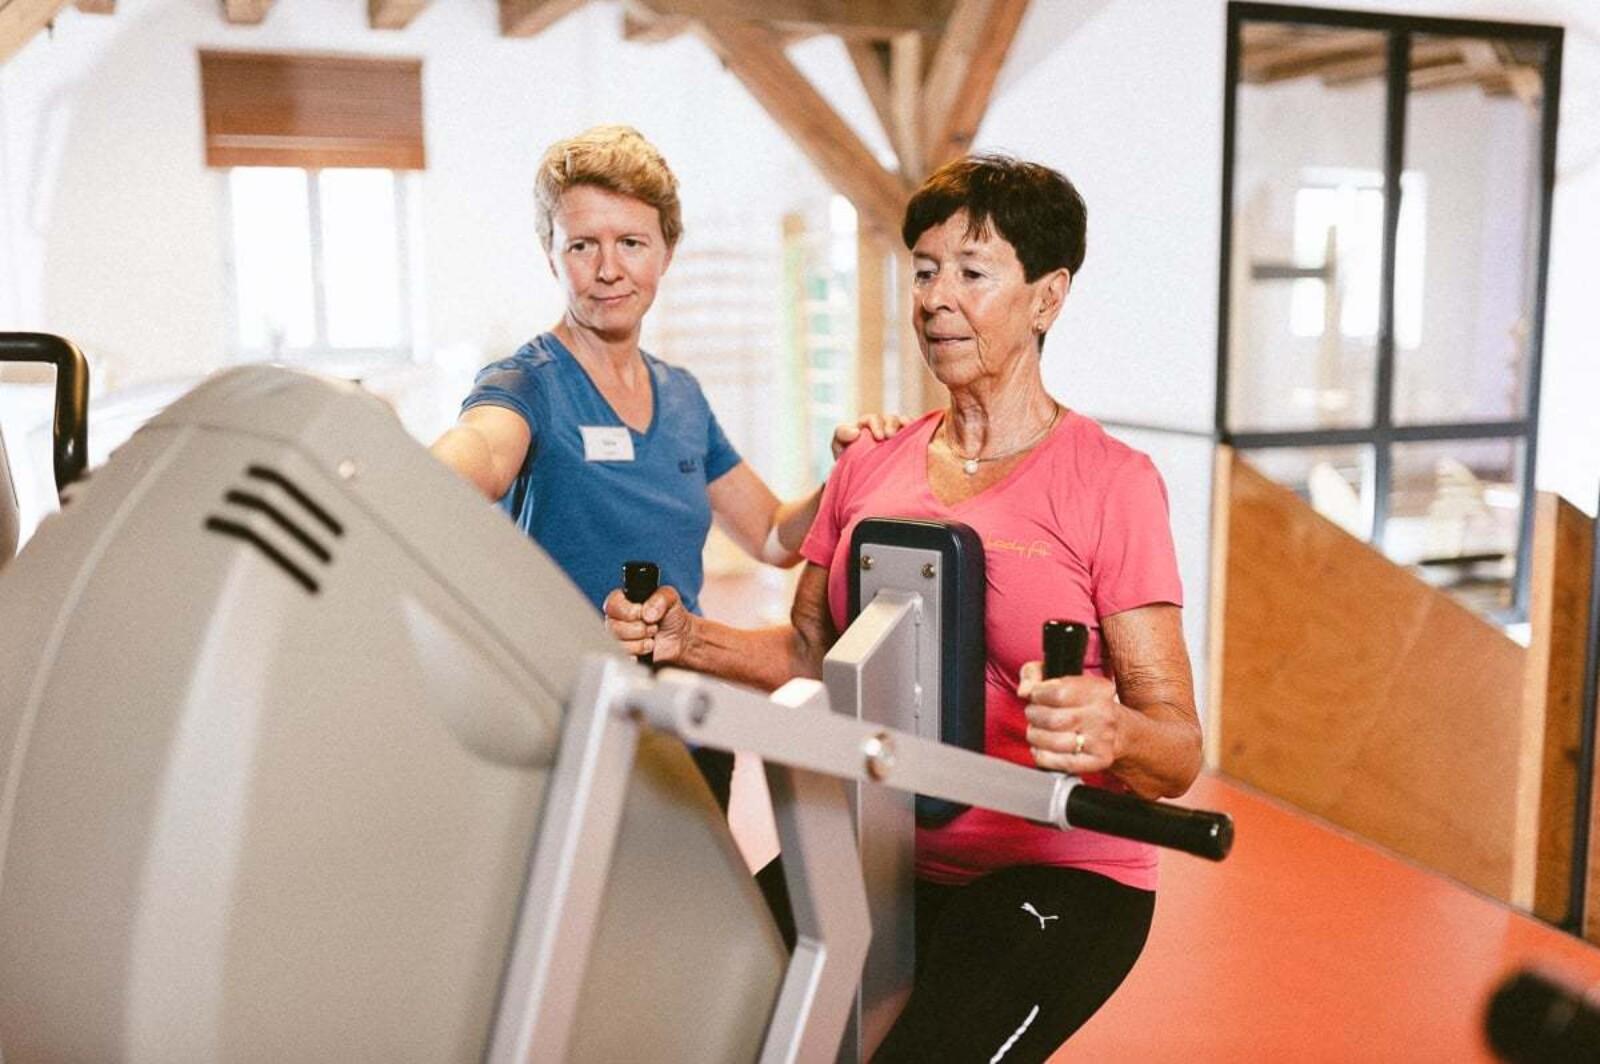 Personal Training für Frauen. LadyFit - Gesundheit für Frauen und Fitness für Frauen in Bamberg